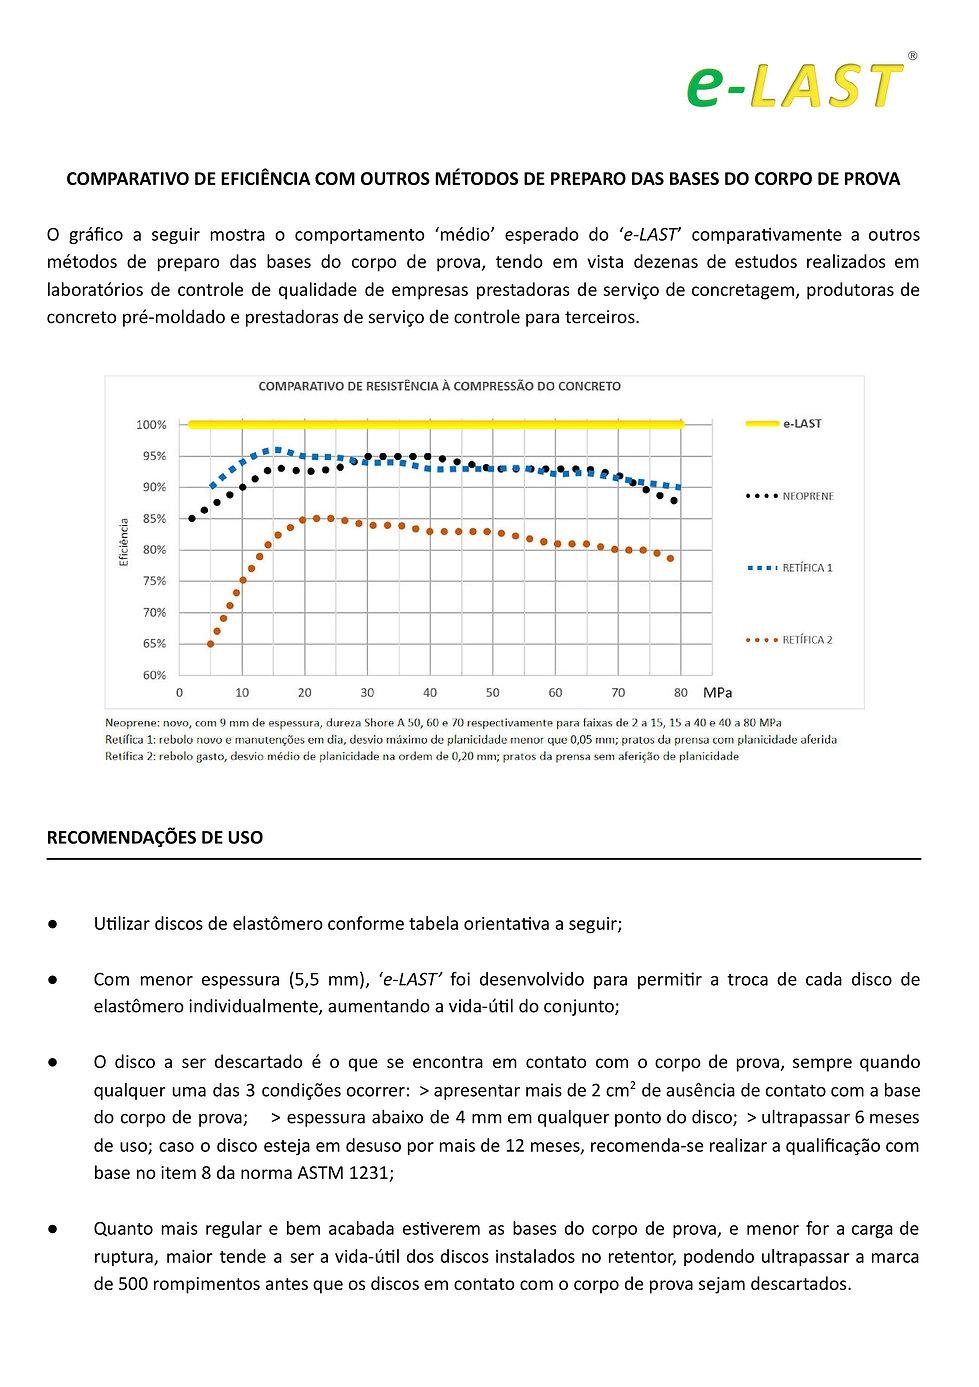 E-Last - Folheto descritivo - 04.jpg